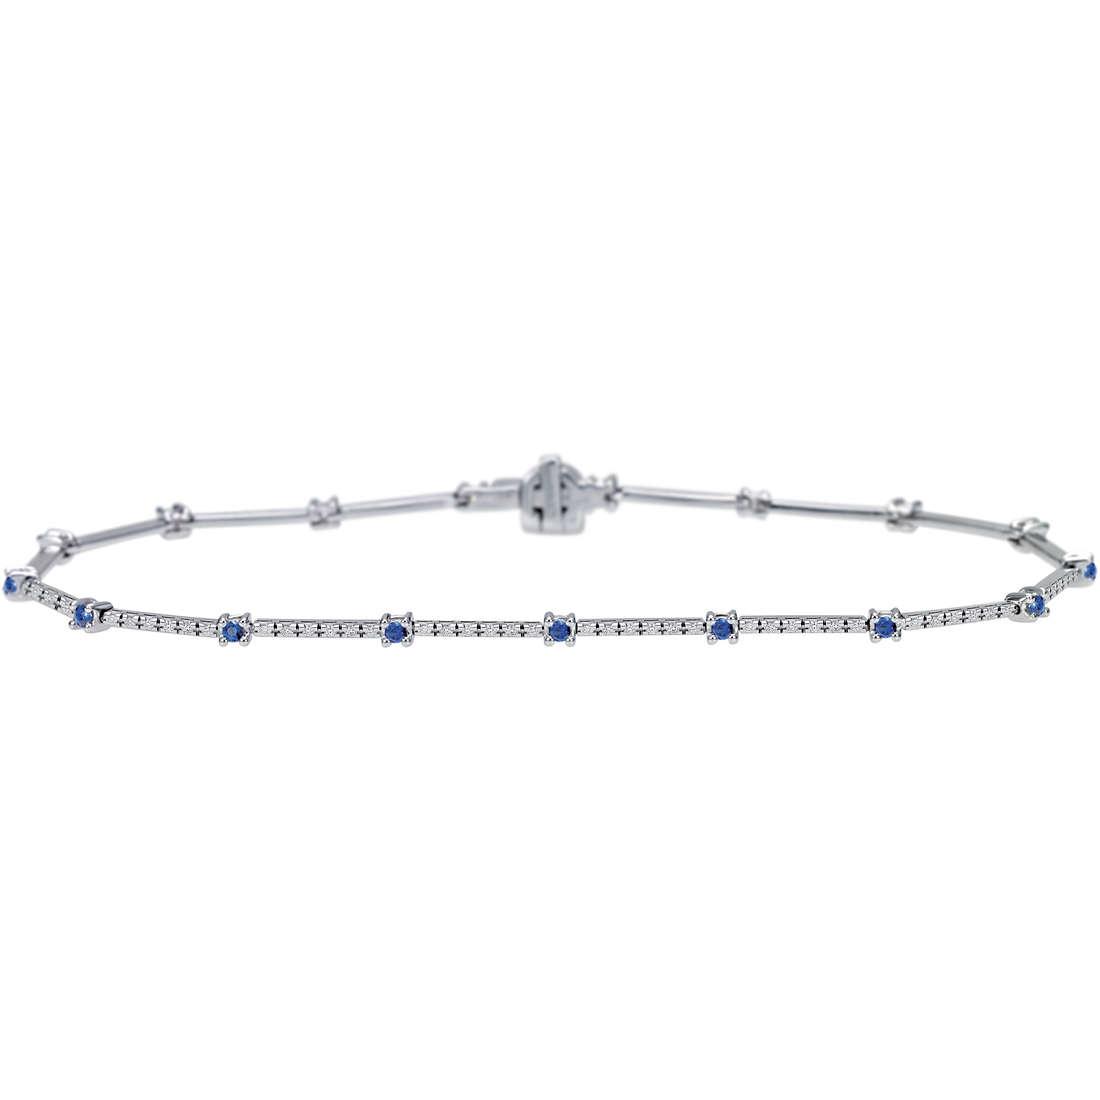 bracelet woman jewellery Bliss Via Lattea 20043995